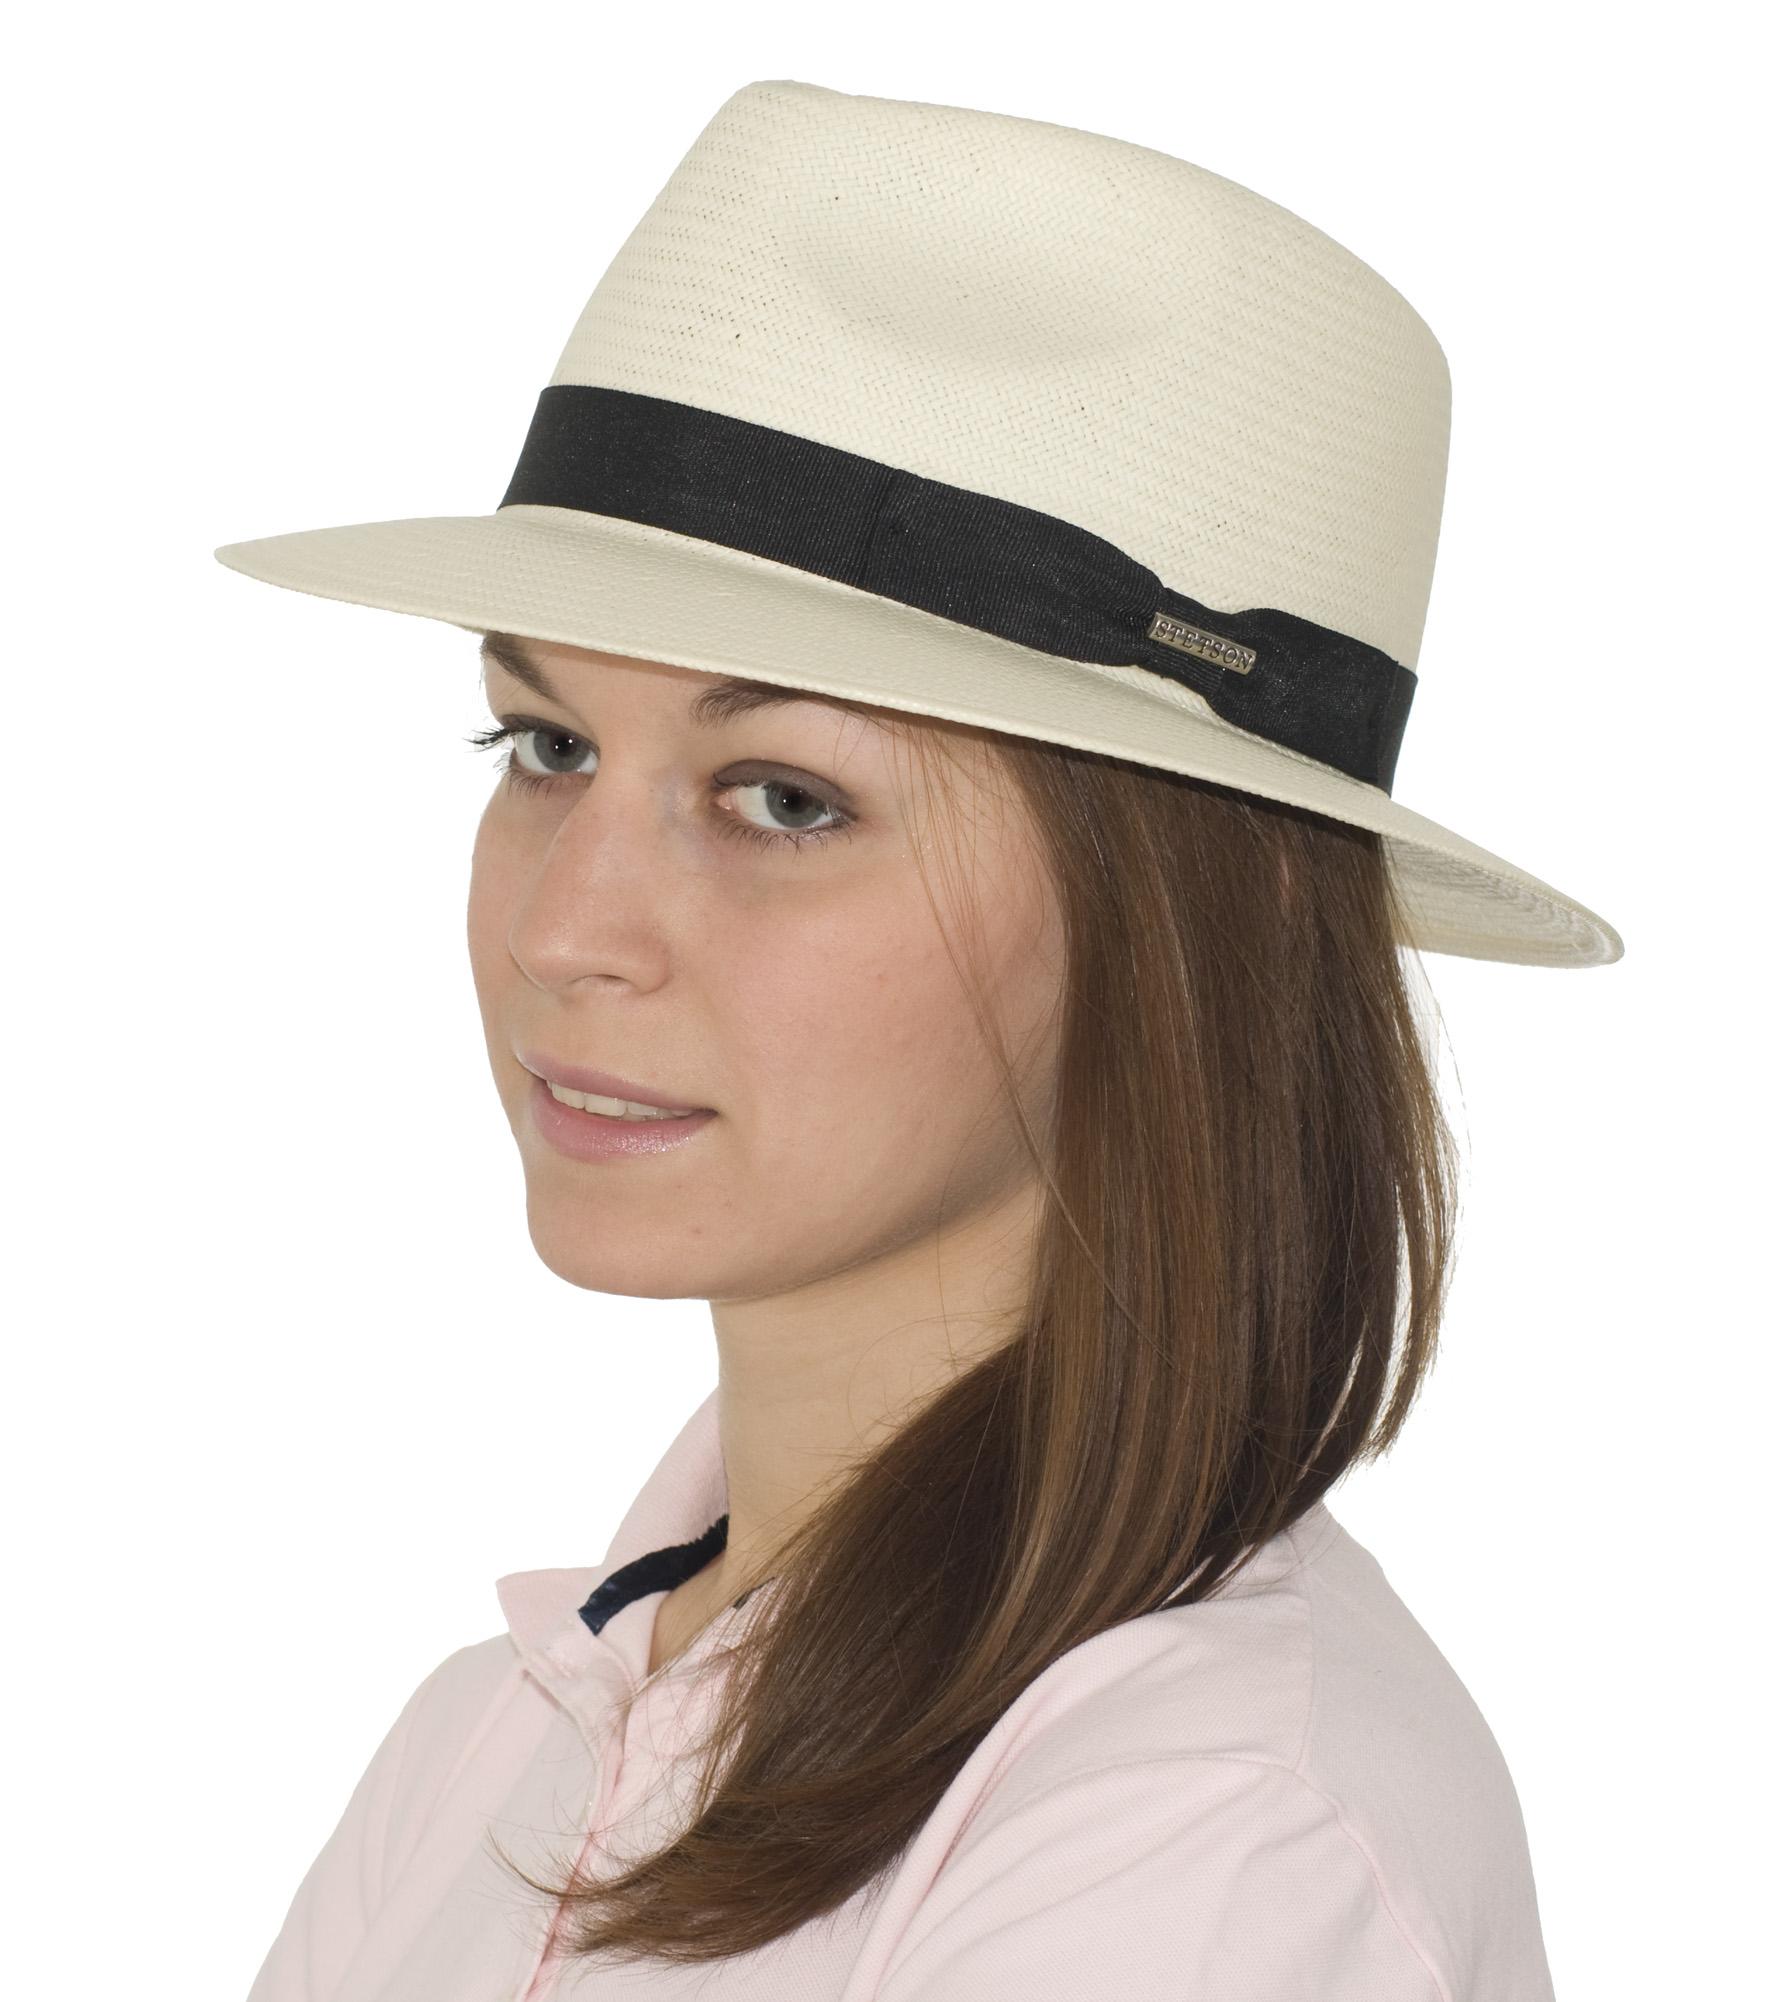 Klobouk Stetson Aripeka je klasický elegantní panama klobouk e8feb0bcf7